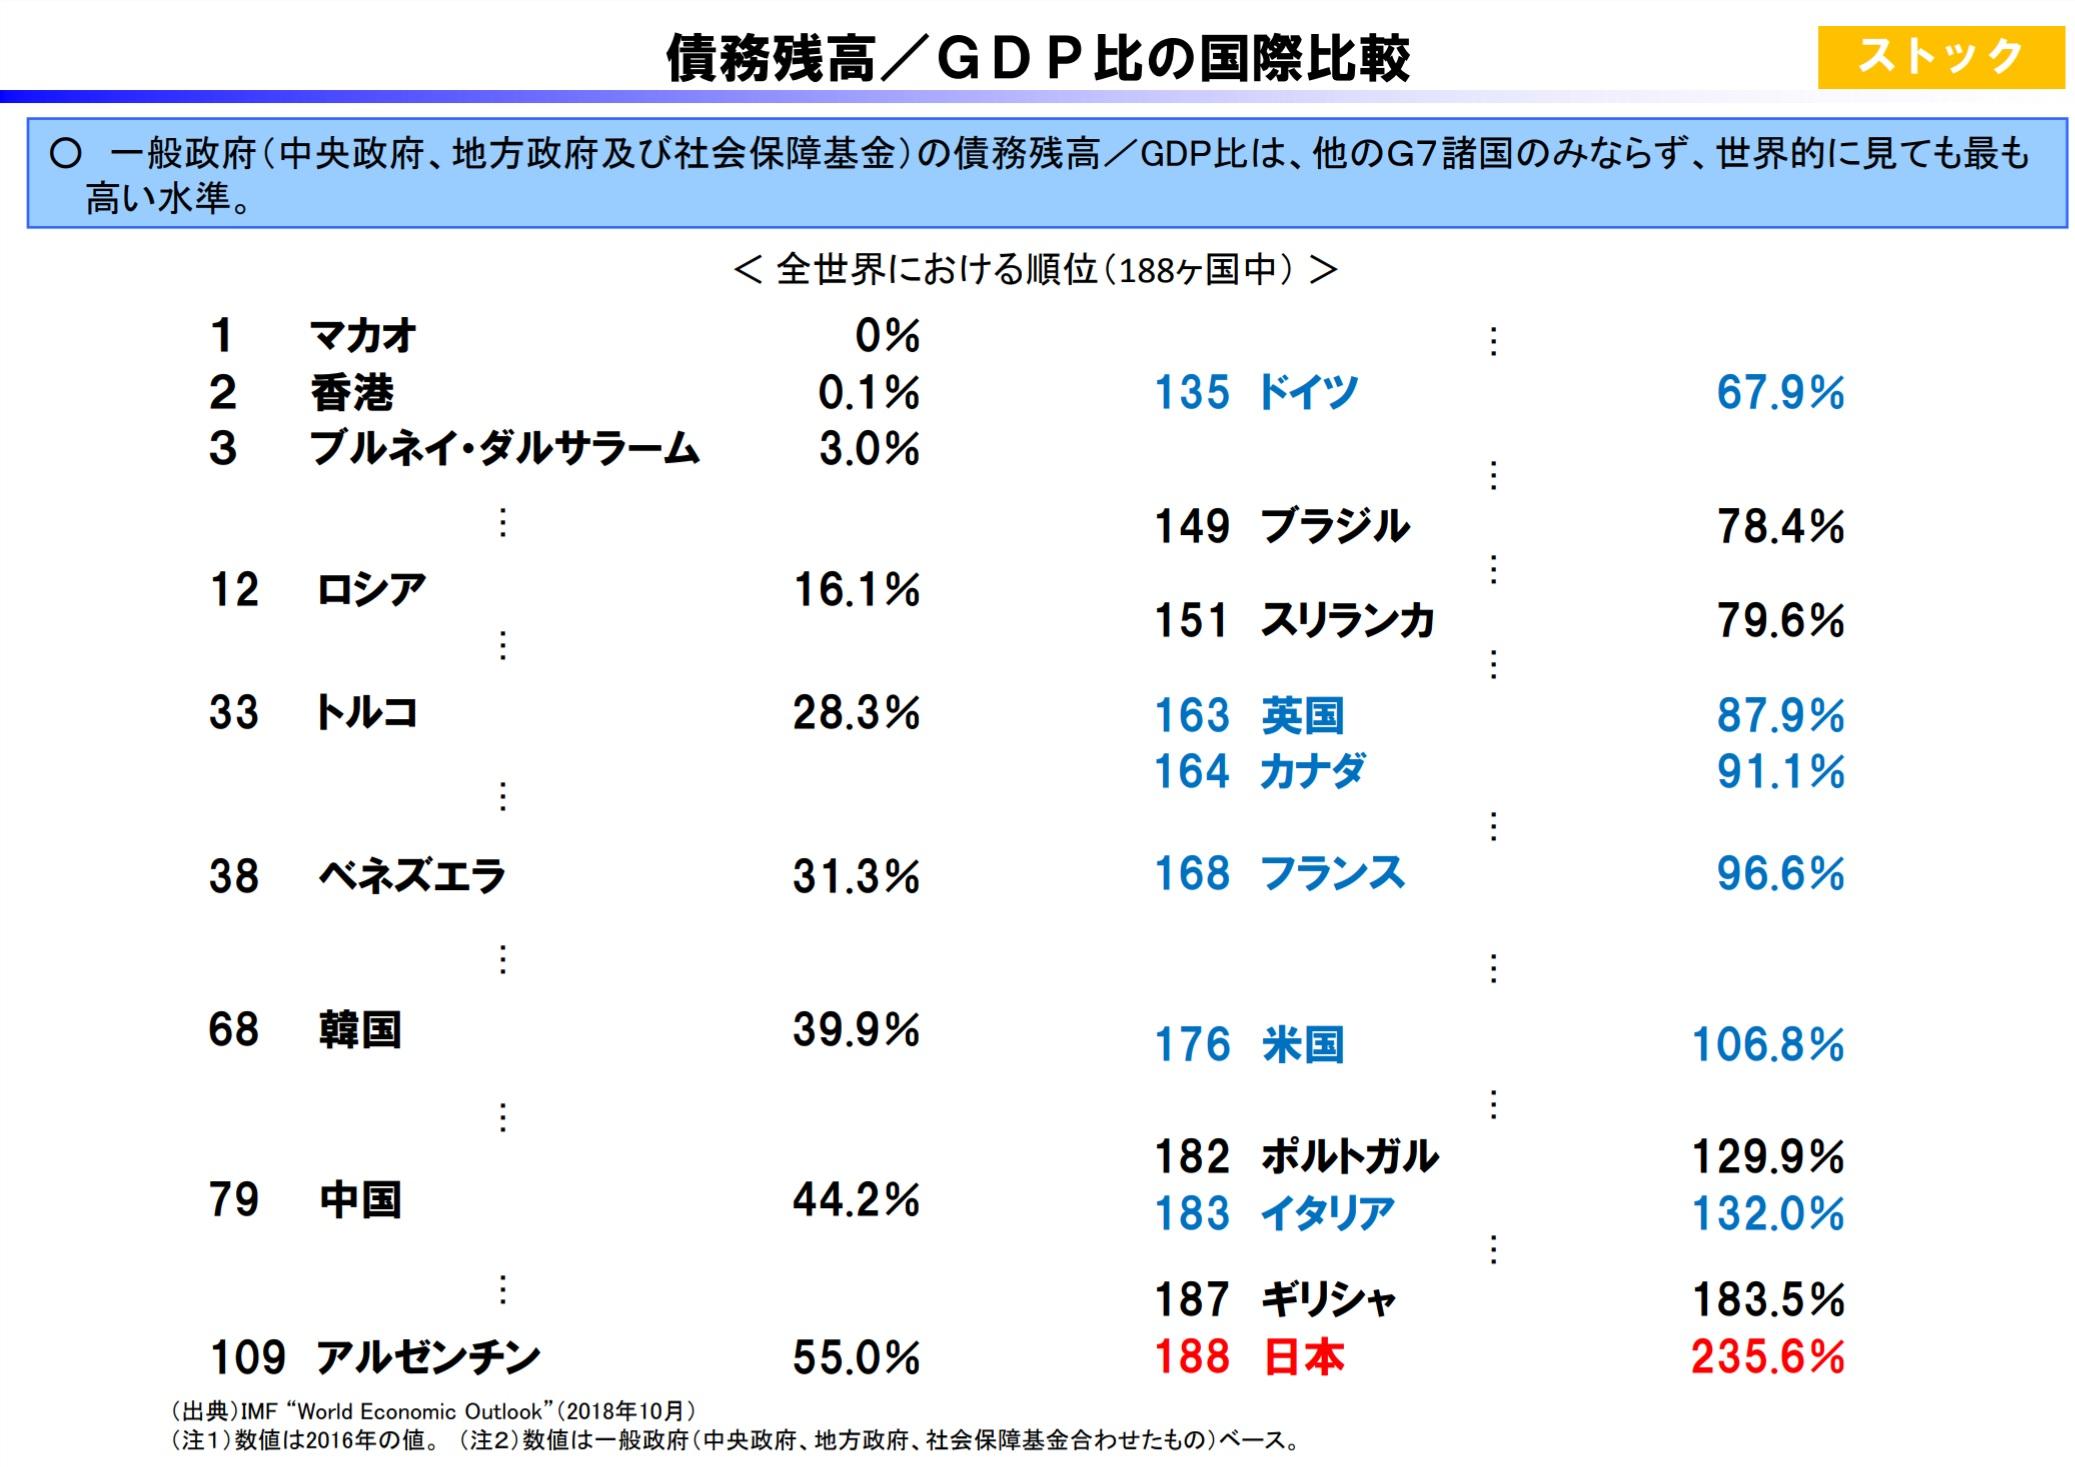 債務残高国際比較